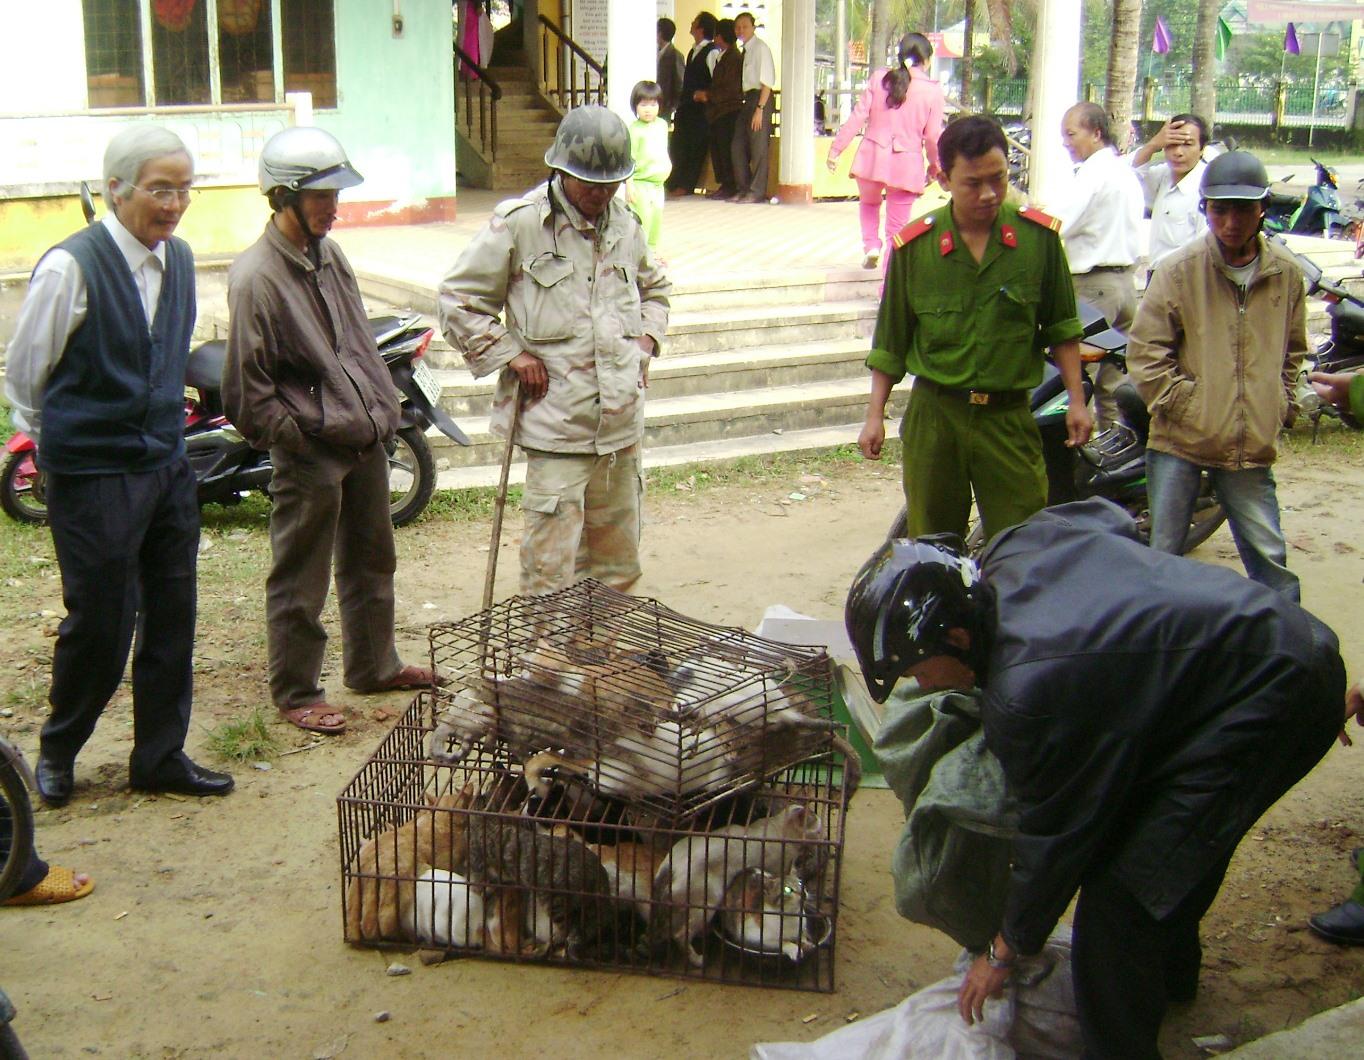 Lực lượng chức năng bắt một vụ vận chuyển động vật hoang dã trái phép. ẢNH: H.P